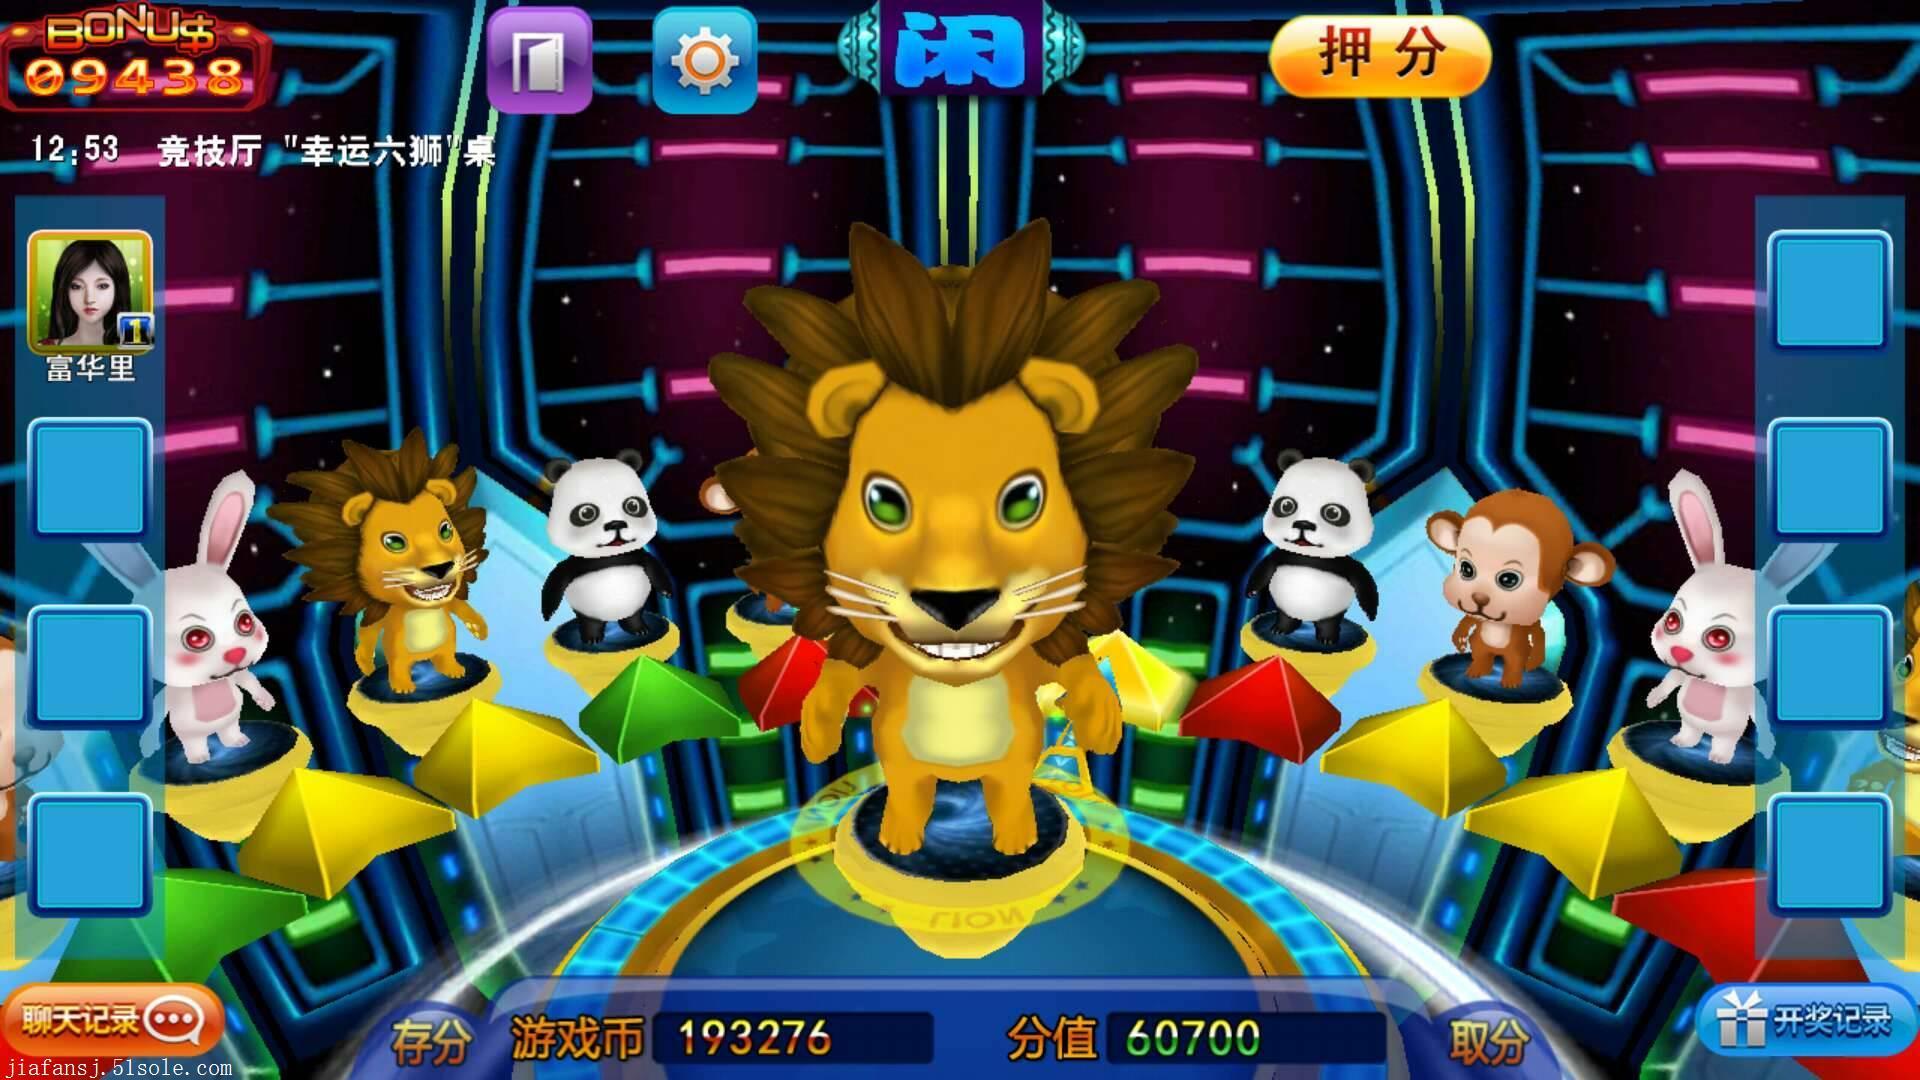 香港星力游戏代理平台哪家好